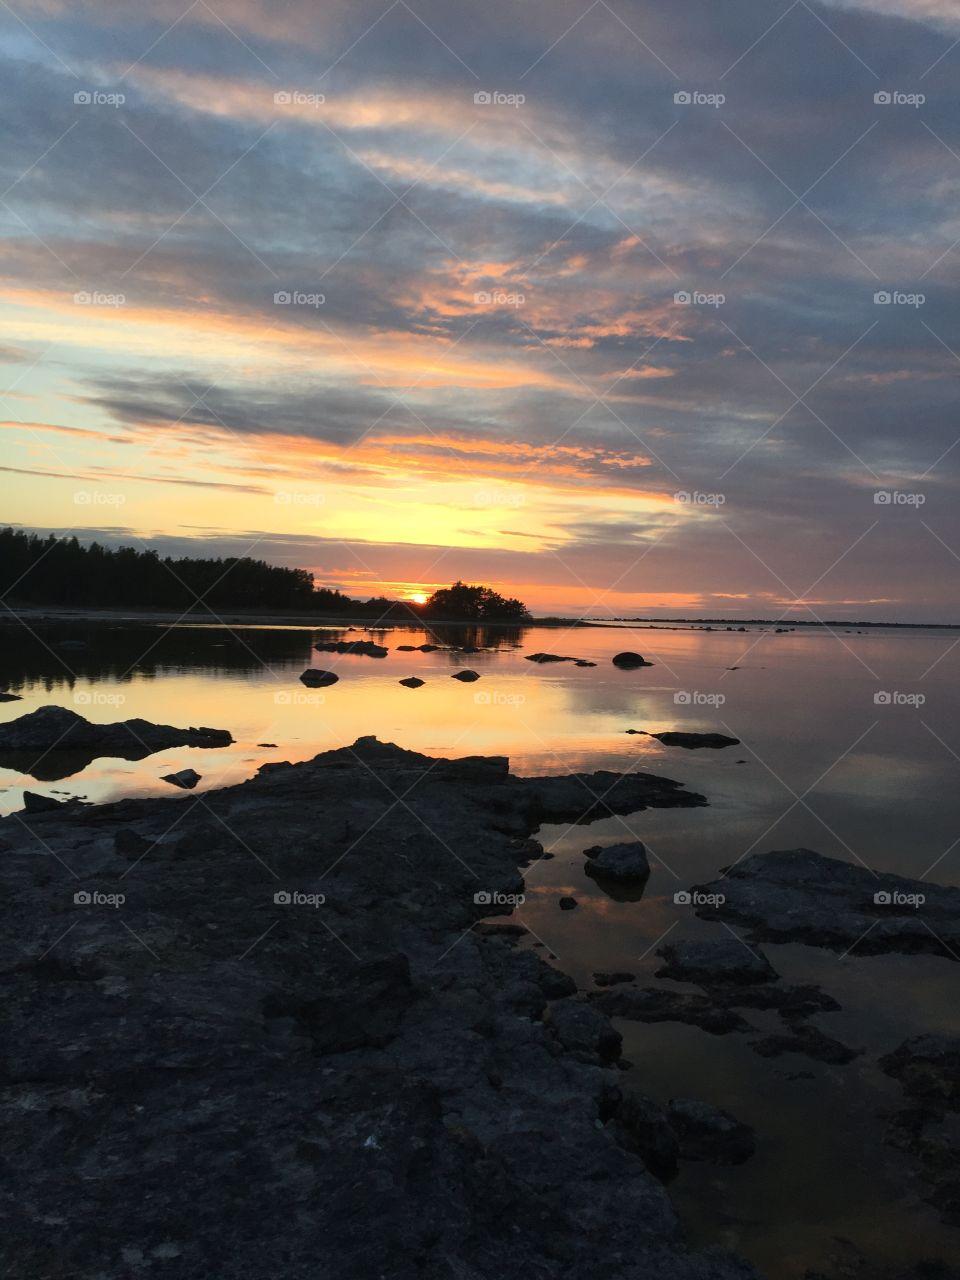 Sunset at Ekeviken, Fårö☀️